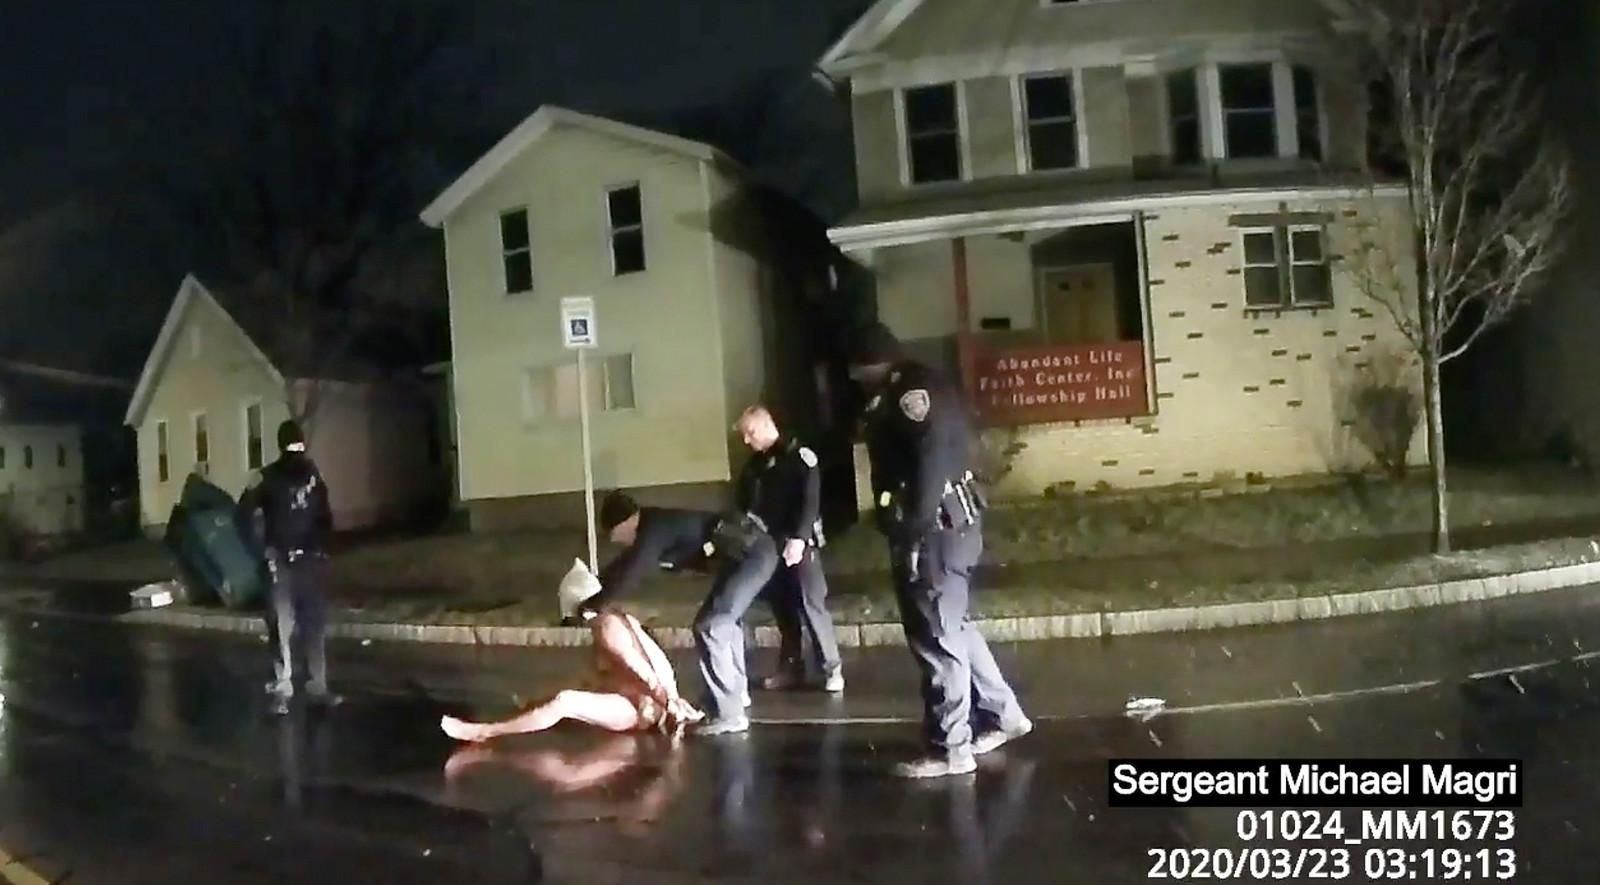 Daniel Prude krijgt een kap over zijn hoofd tijdens zijn arrestatie.